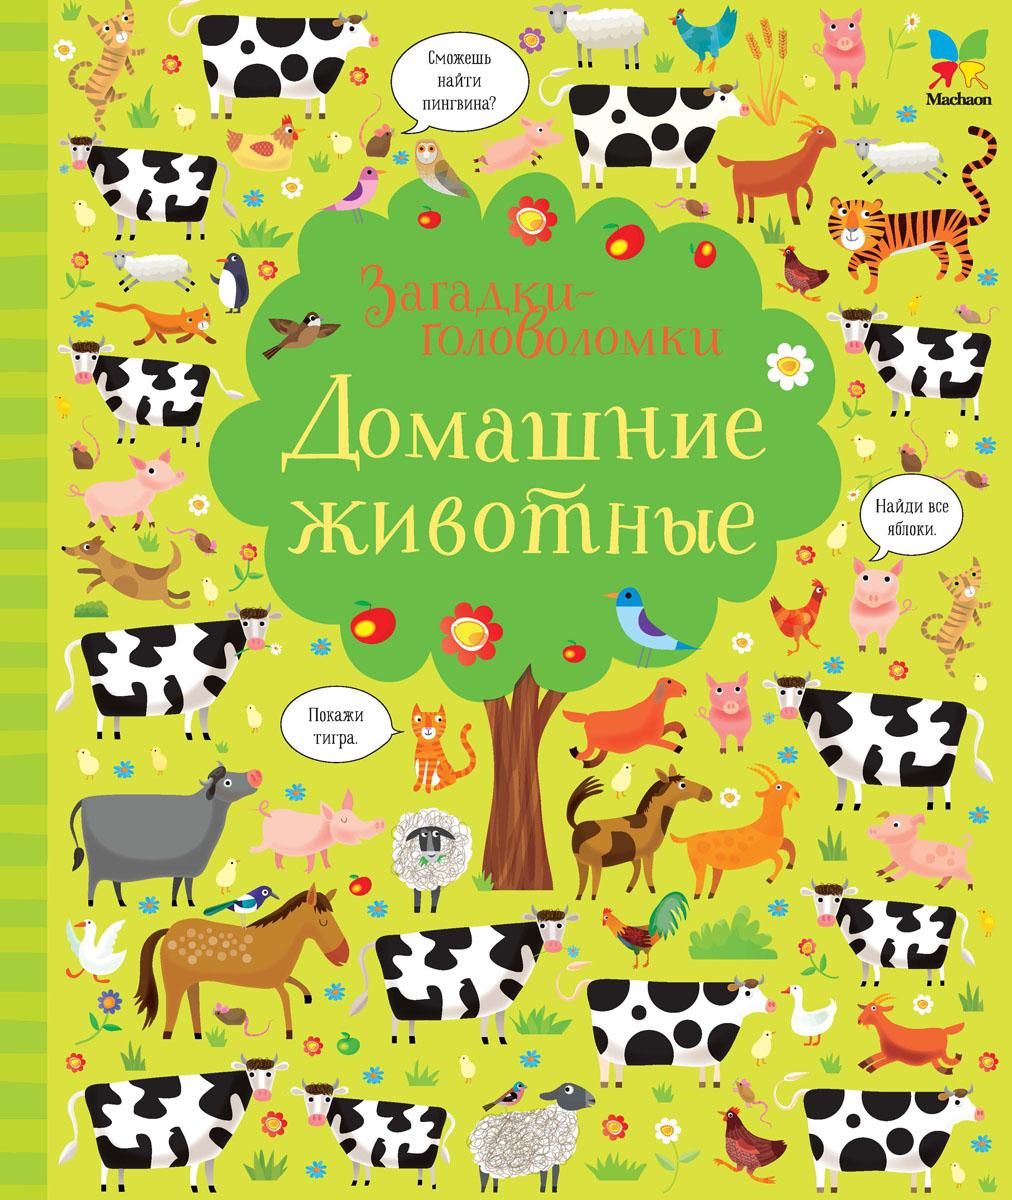 Робсон К.; Лукас Г.; Егорова Е.А. Домашние животные